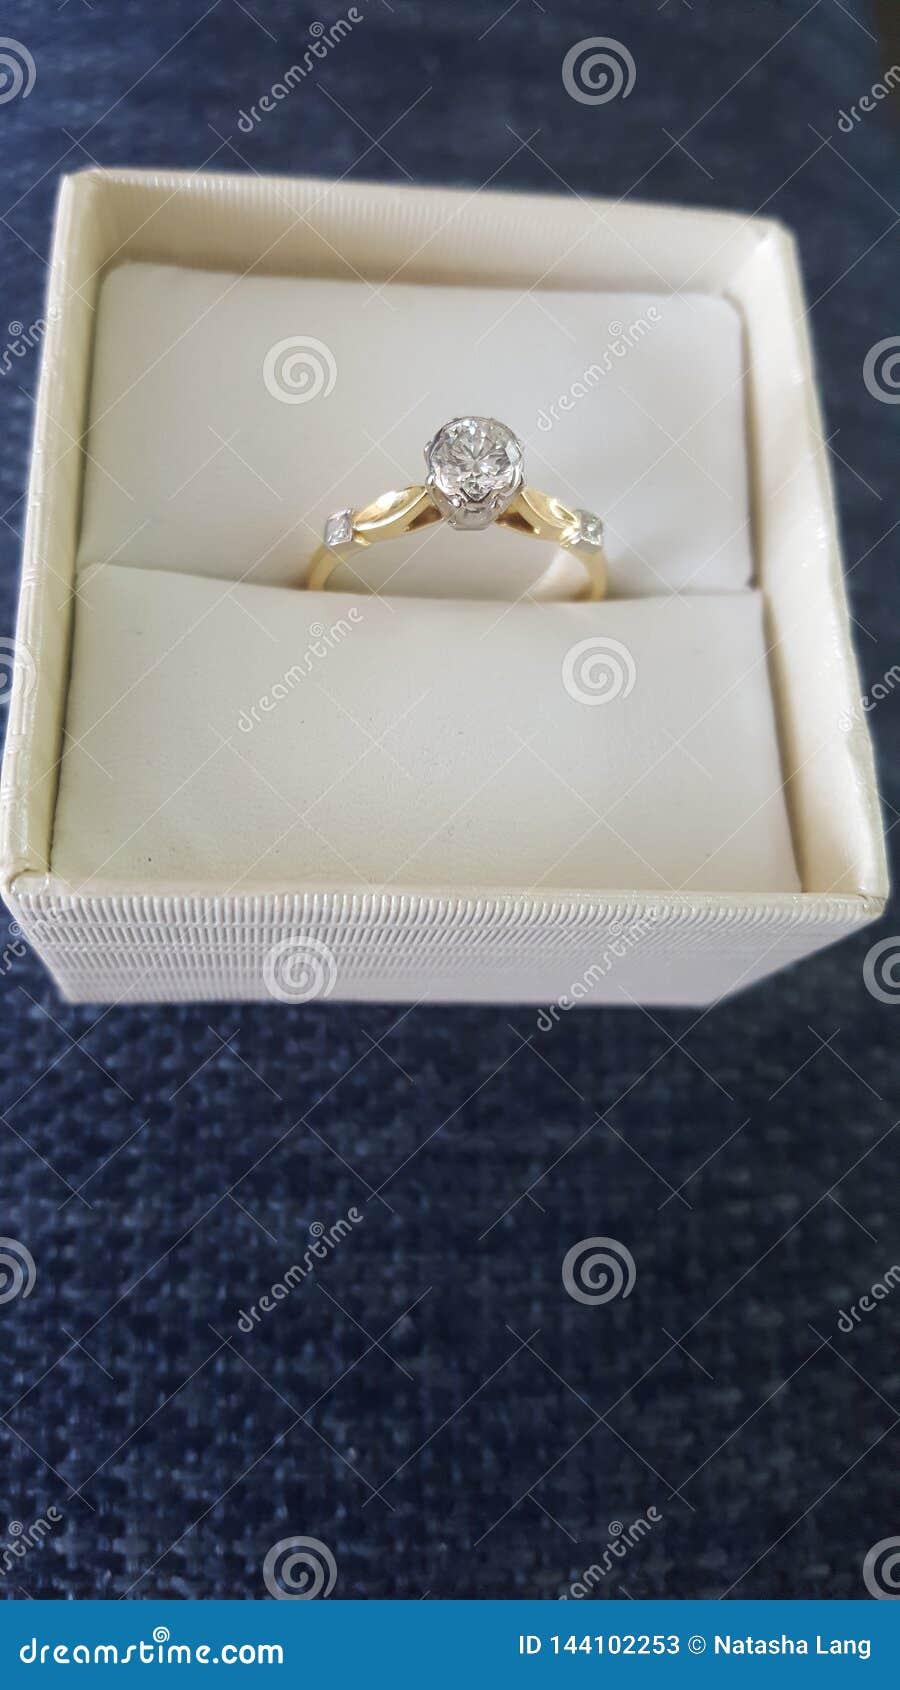 La bague à diamant coupée bonne magnifique de solitaire a monté sur l ensemble d or de 18 carats avec deux petits diamants d épau